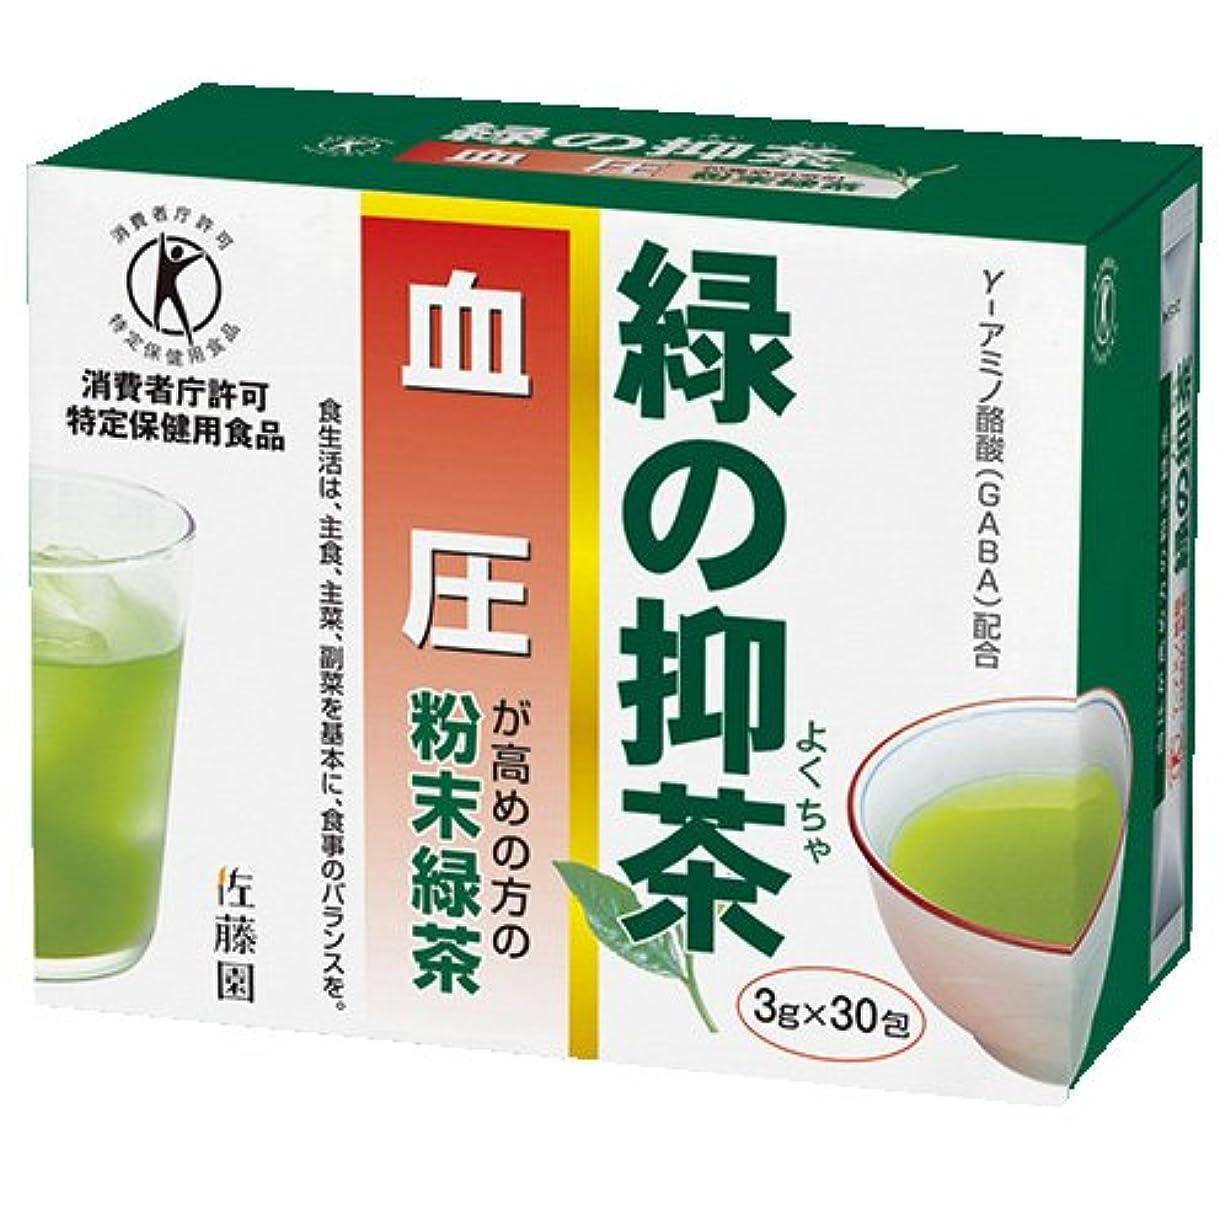 偽物監督する帆佐藤園のトクホのお茶 緑の抑茶(血圧) 30包 [特定保健用食品]